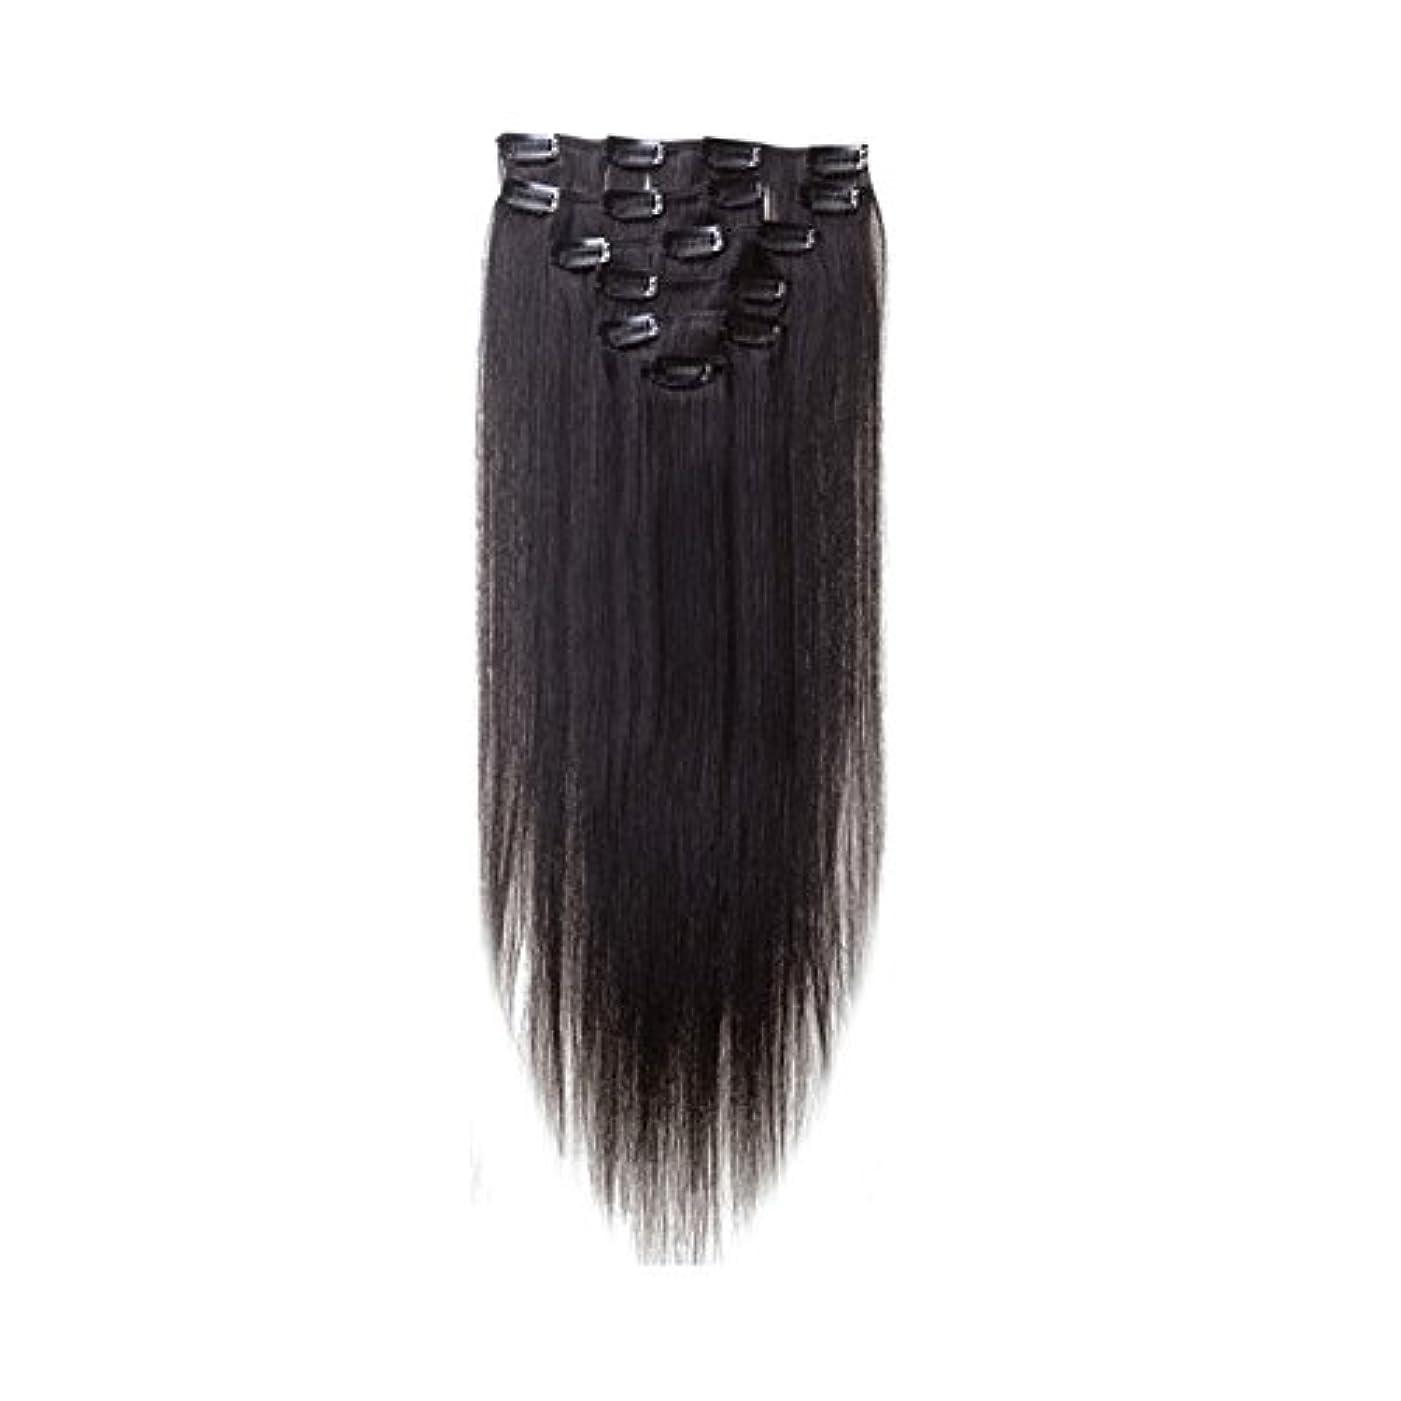 車両ポーク自動化ヘアエクステンション,SODIAL(R) 女性の人間の髪 クリップインヘアエクステンション 7件 70g 15インチ ナチュラルブラック